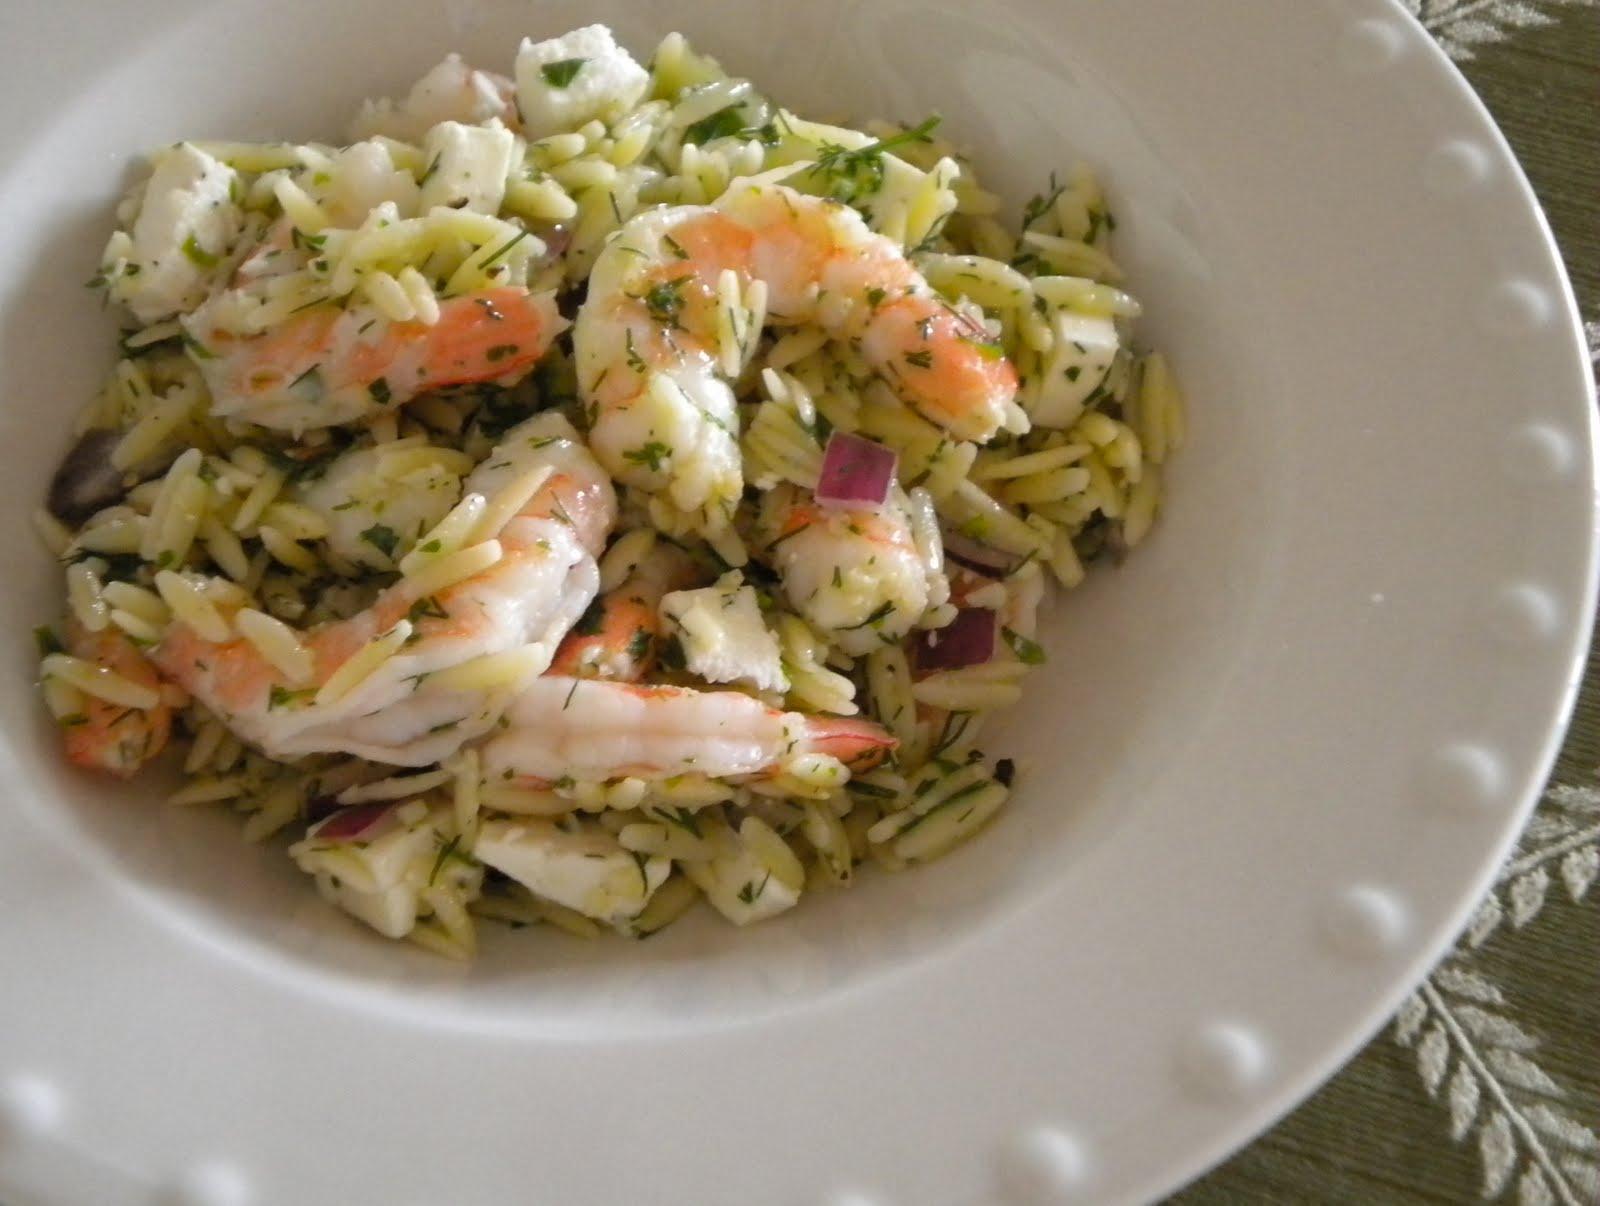 Shrimp Boil Foil Packs - Foods for healthy diets